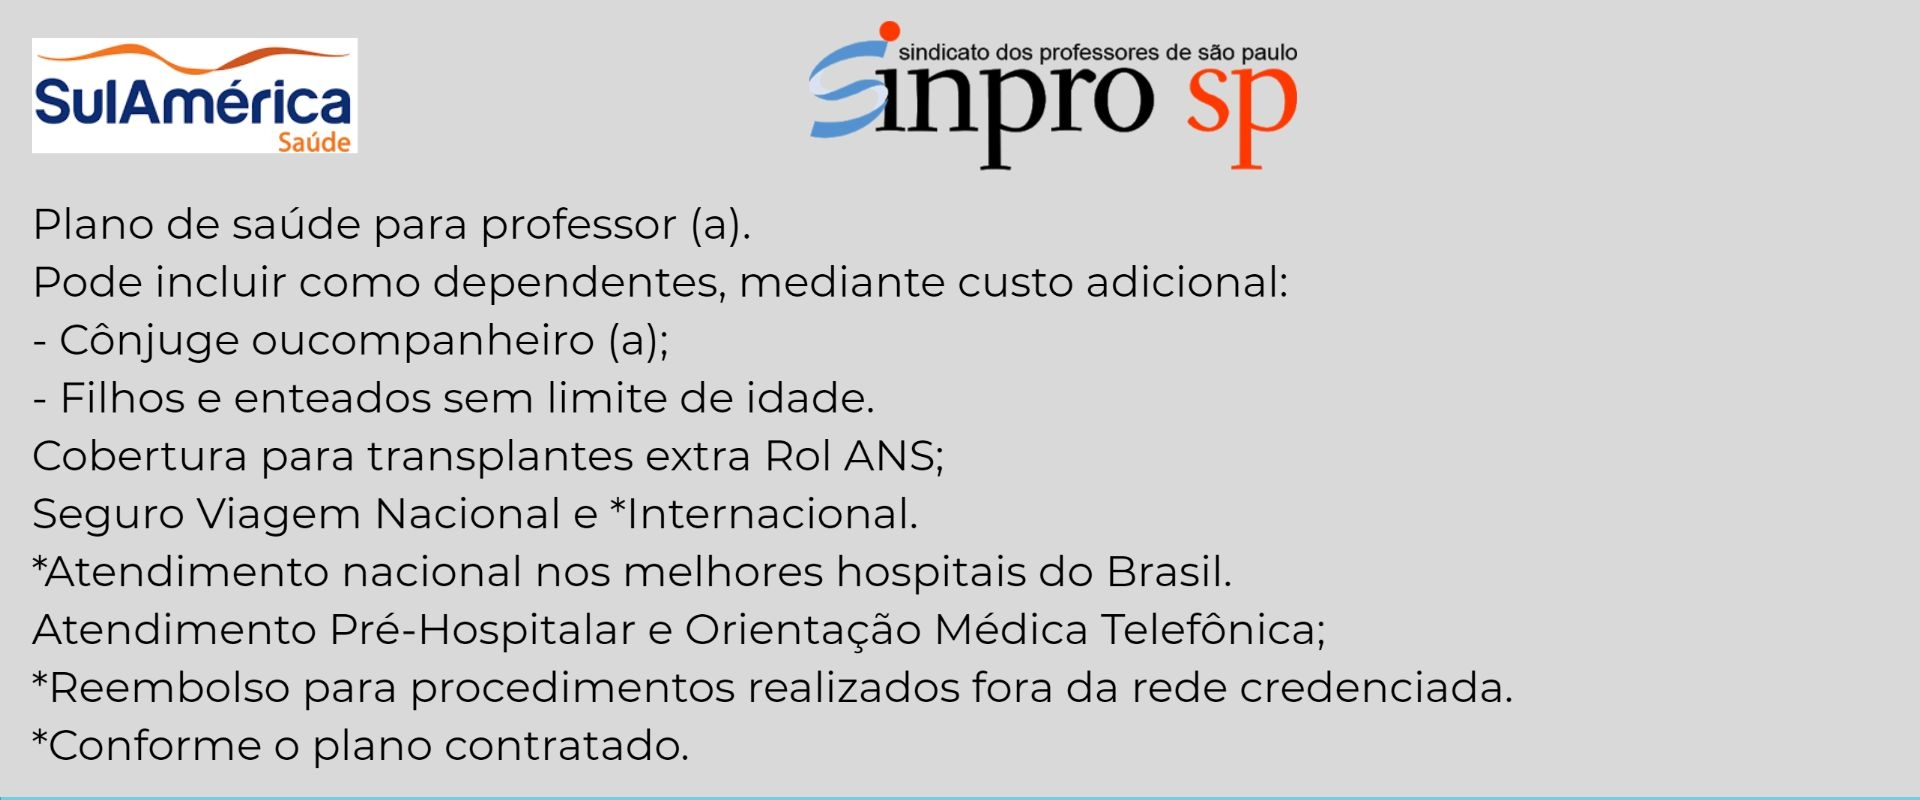 SulAmérica Sinpro-SP